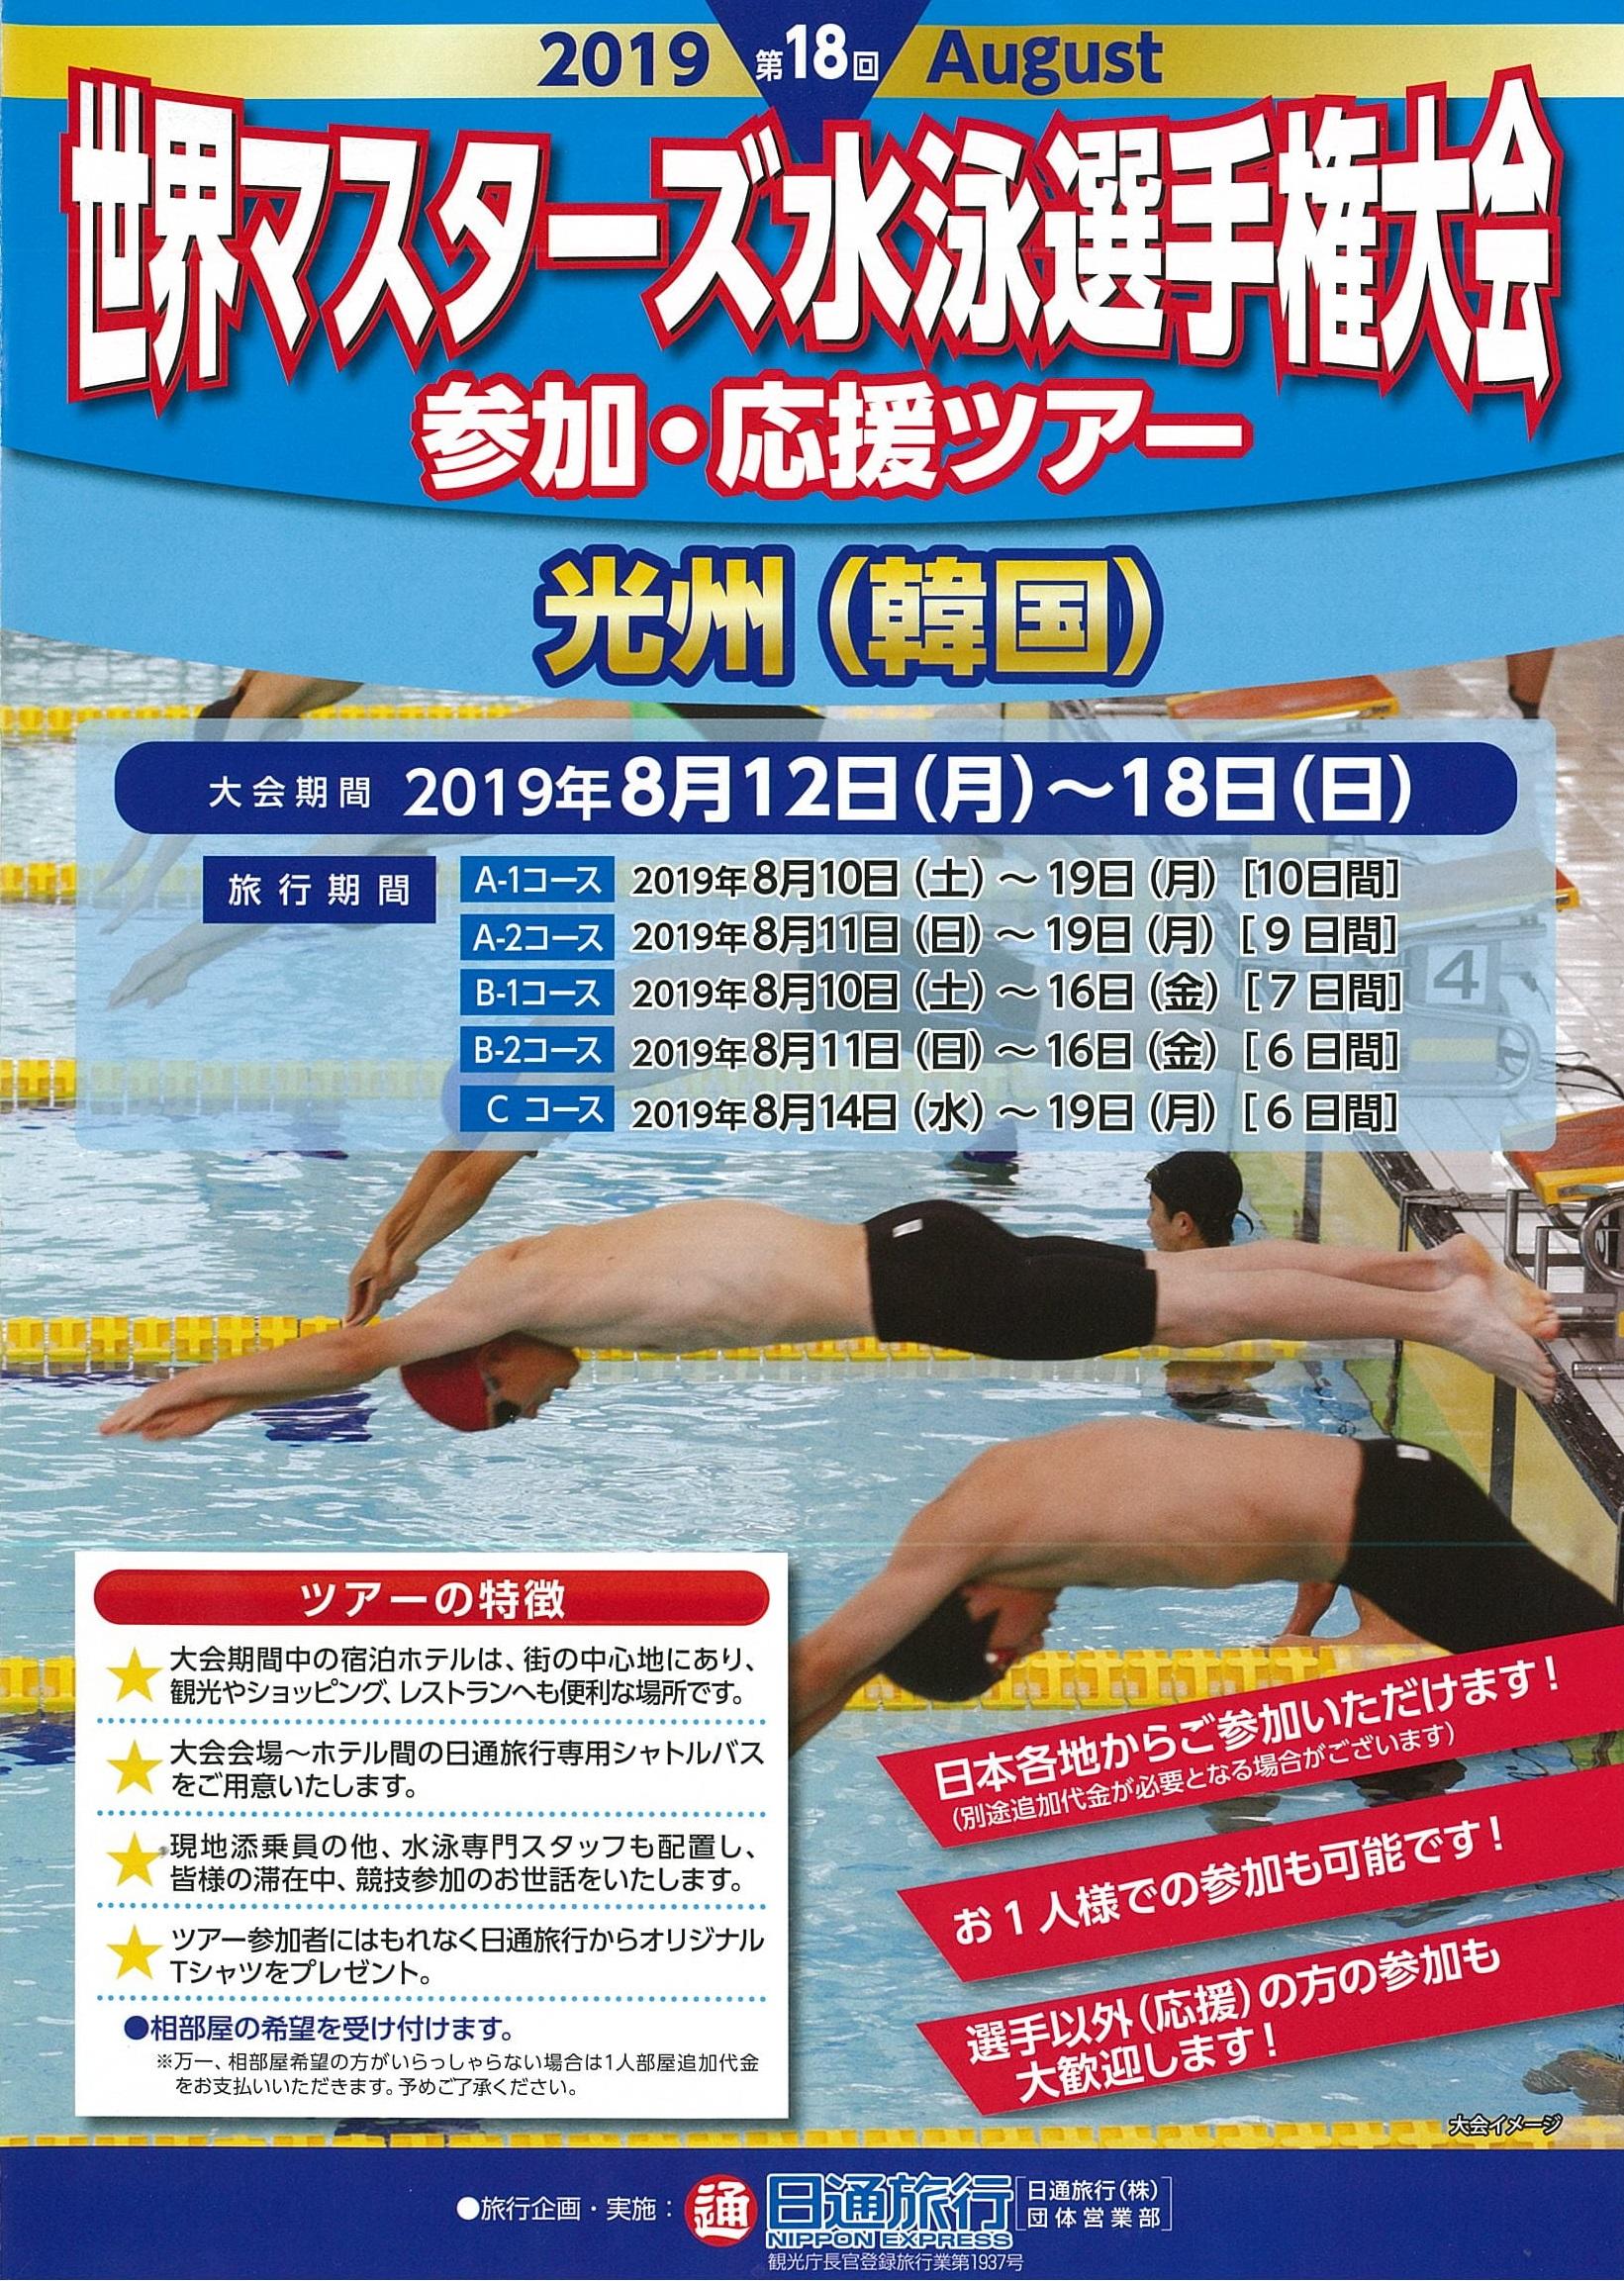 【2019年8月】世界マスターズ水泳選手権大会ツアーin光州(韓国)